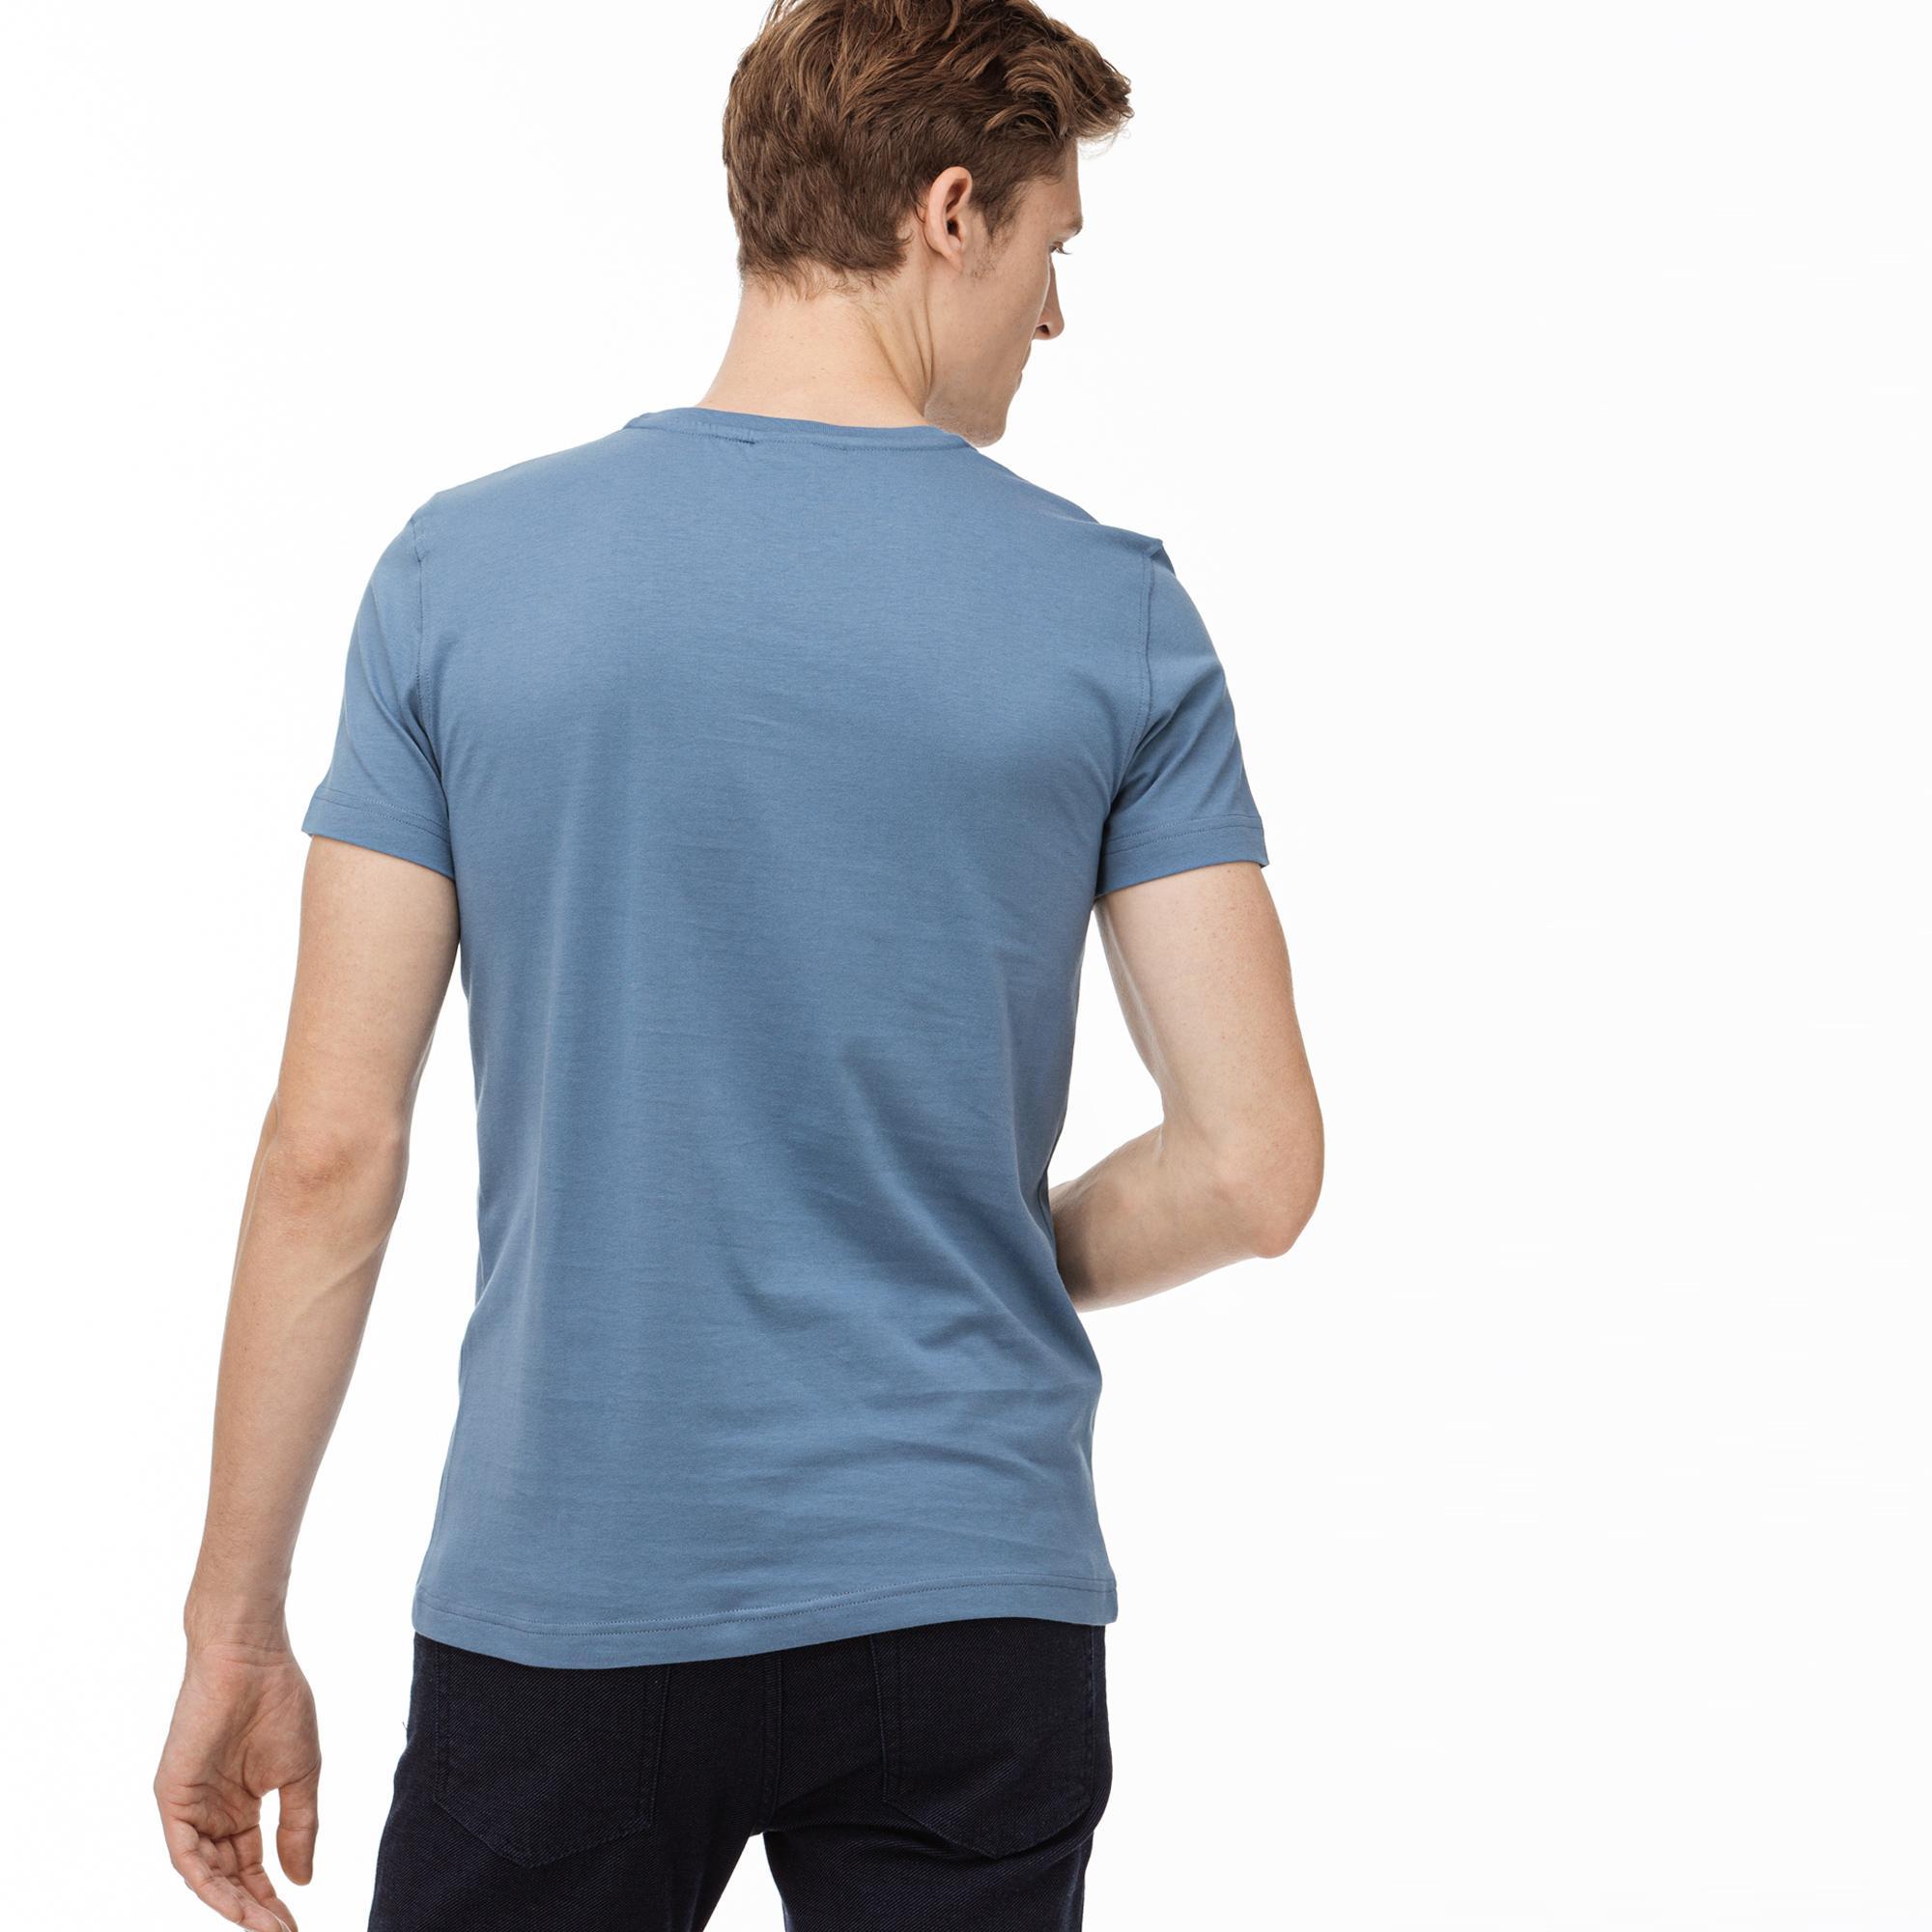 Lacoste Erkek Regular Fit Mavi Baskılı T-Shirt